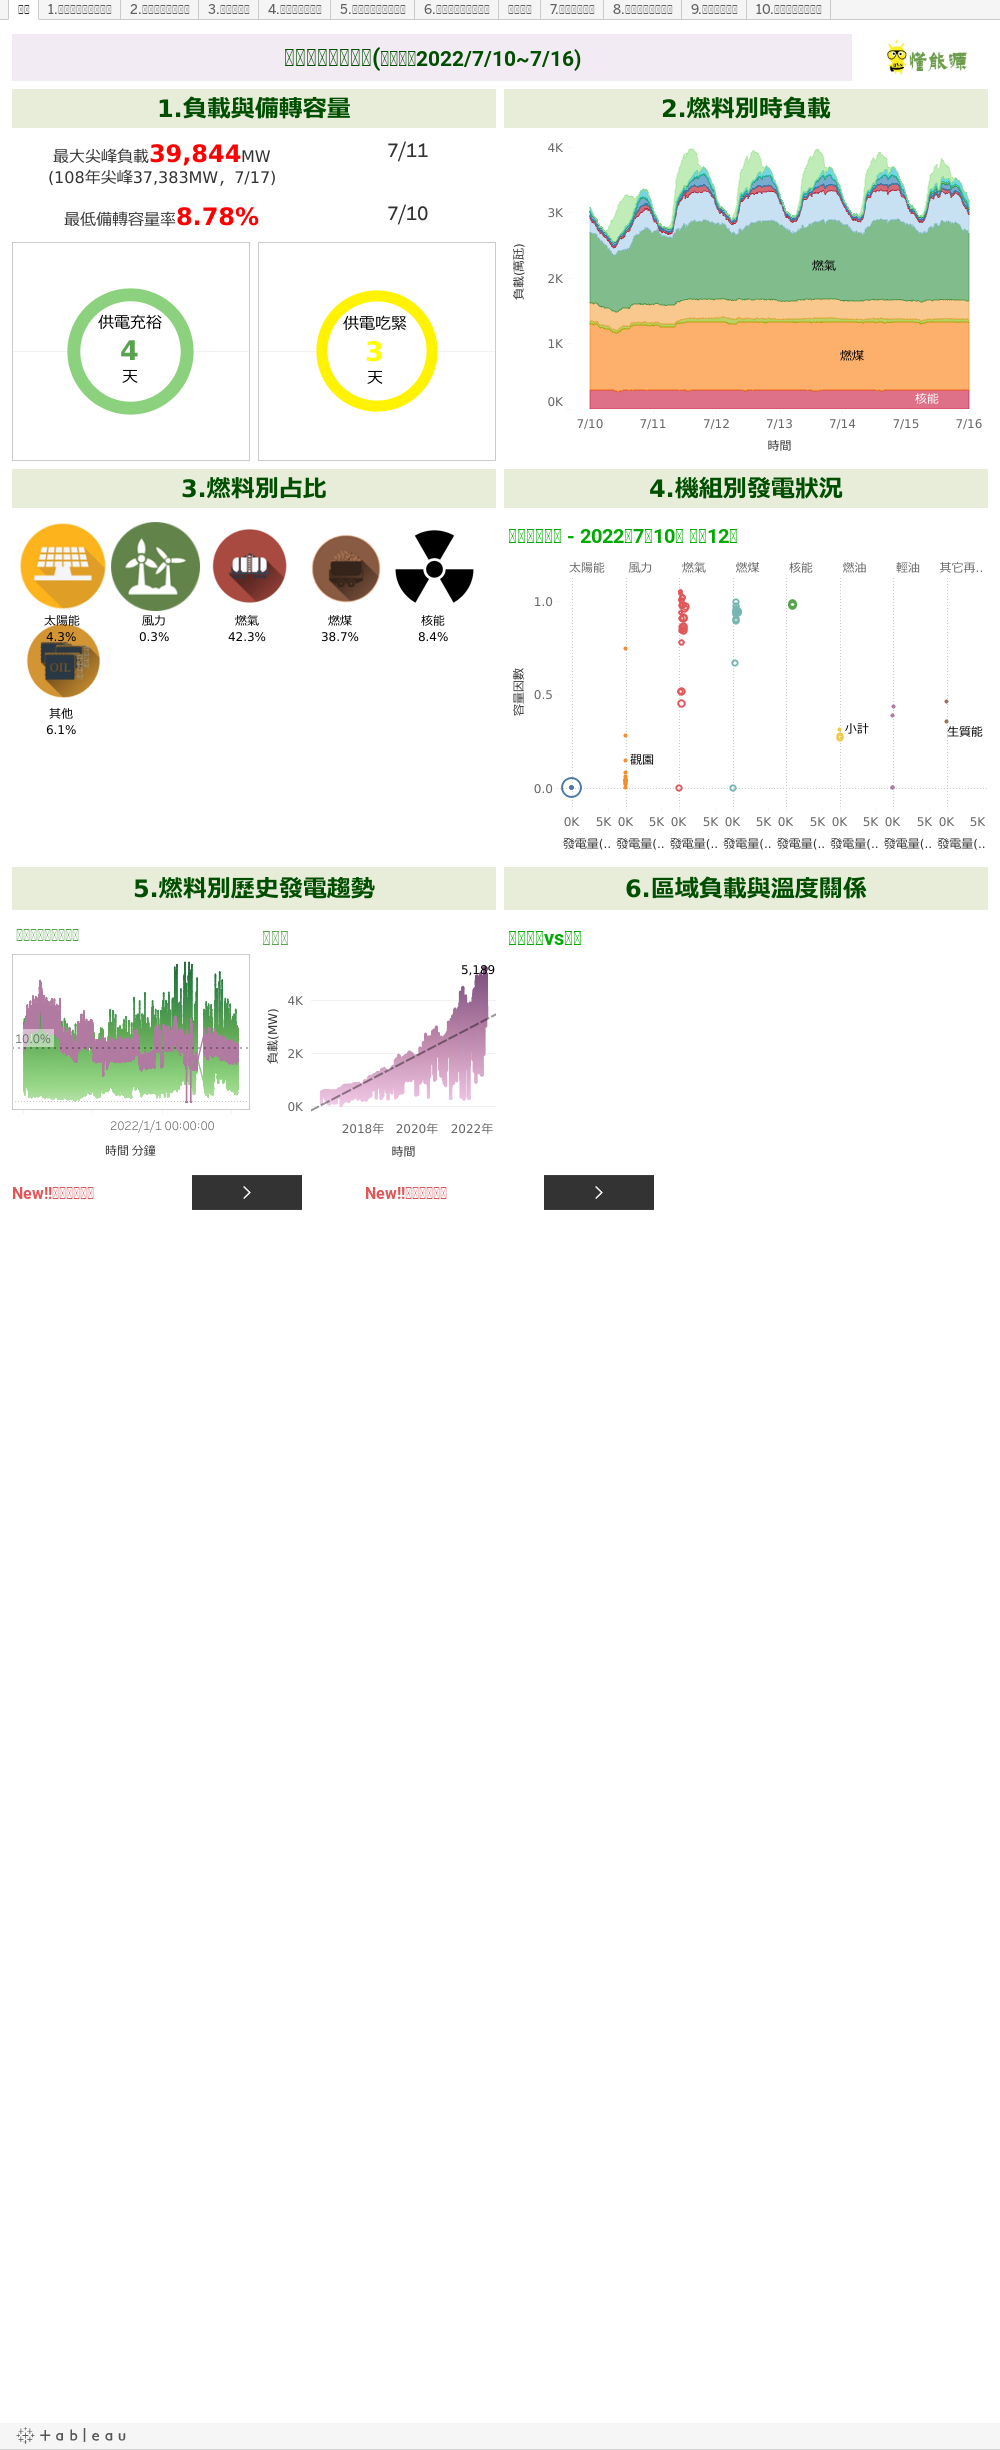 [重量級視覺化圖表]上週電力資訊一覽(2020/1/12~1/18)